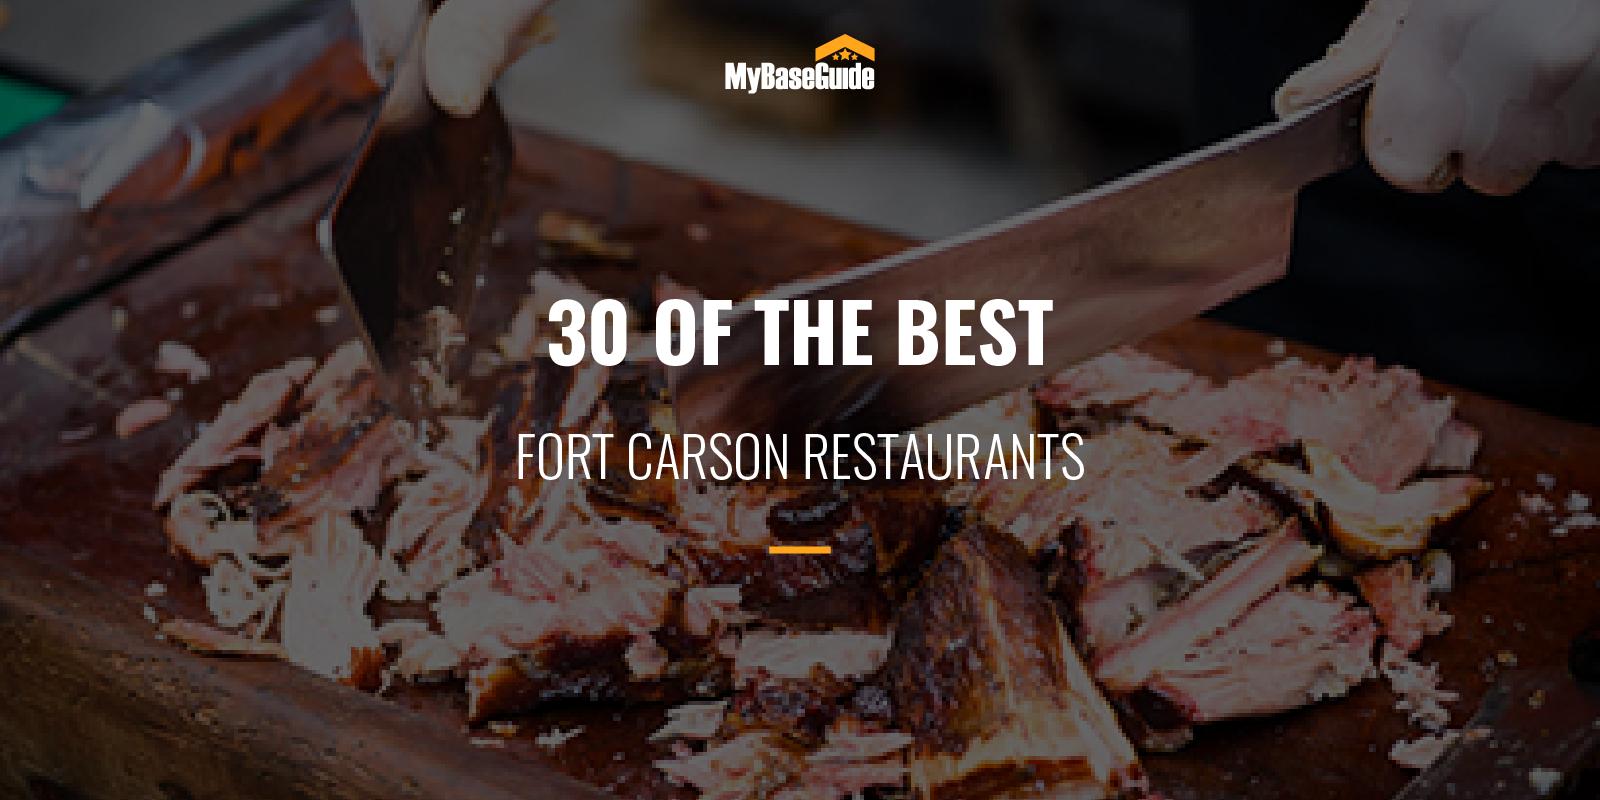 Fort Carson Best Restaurants